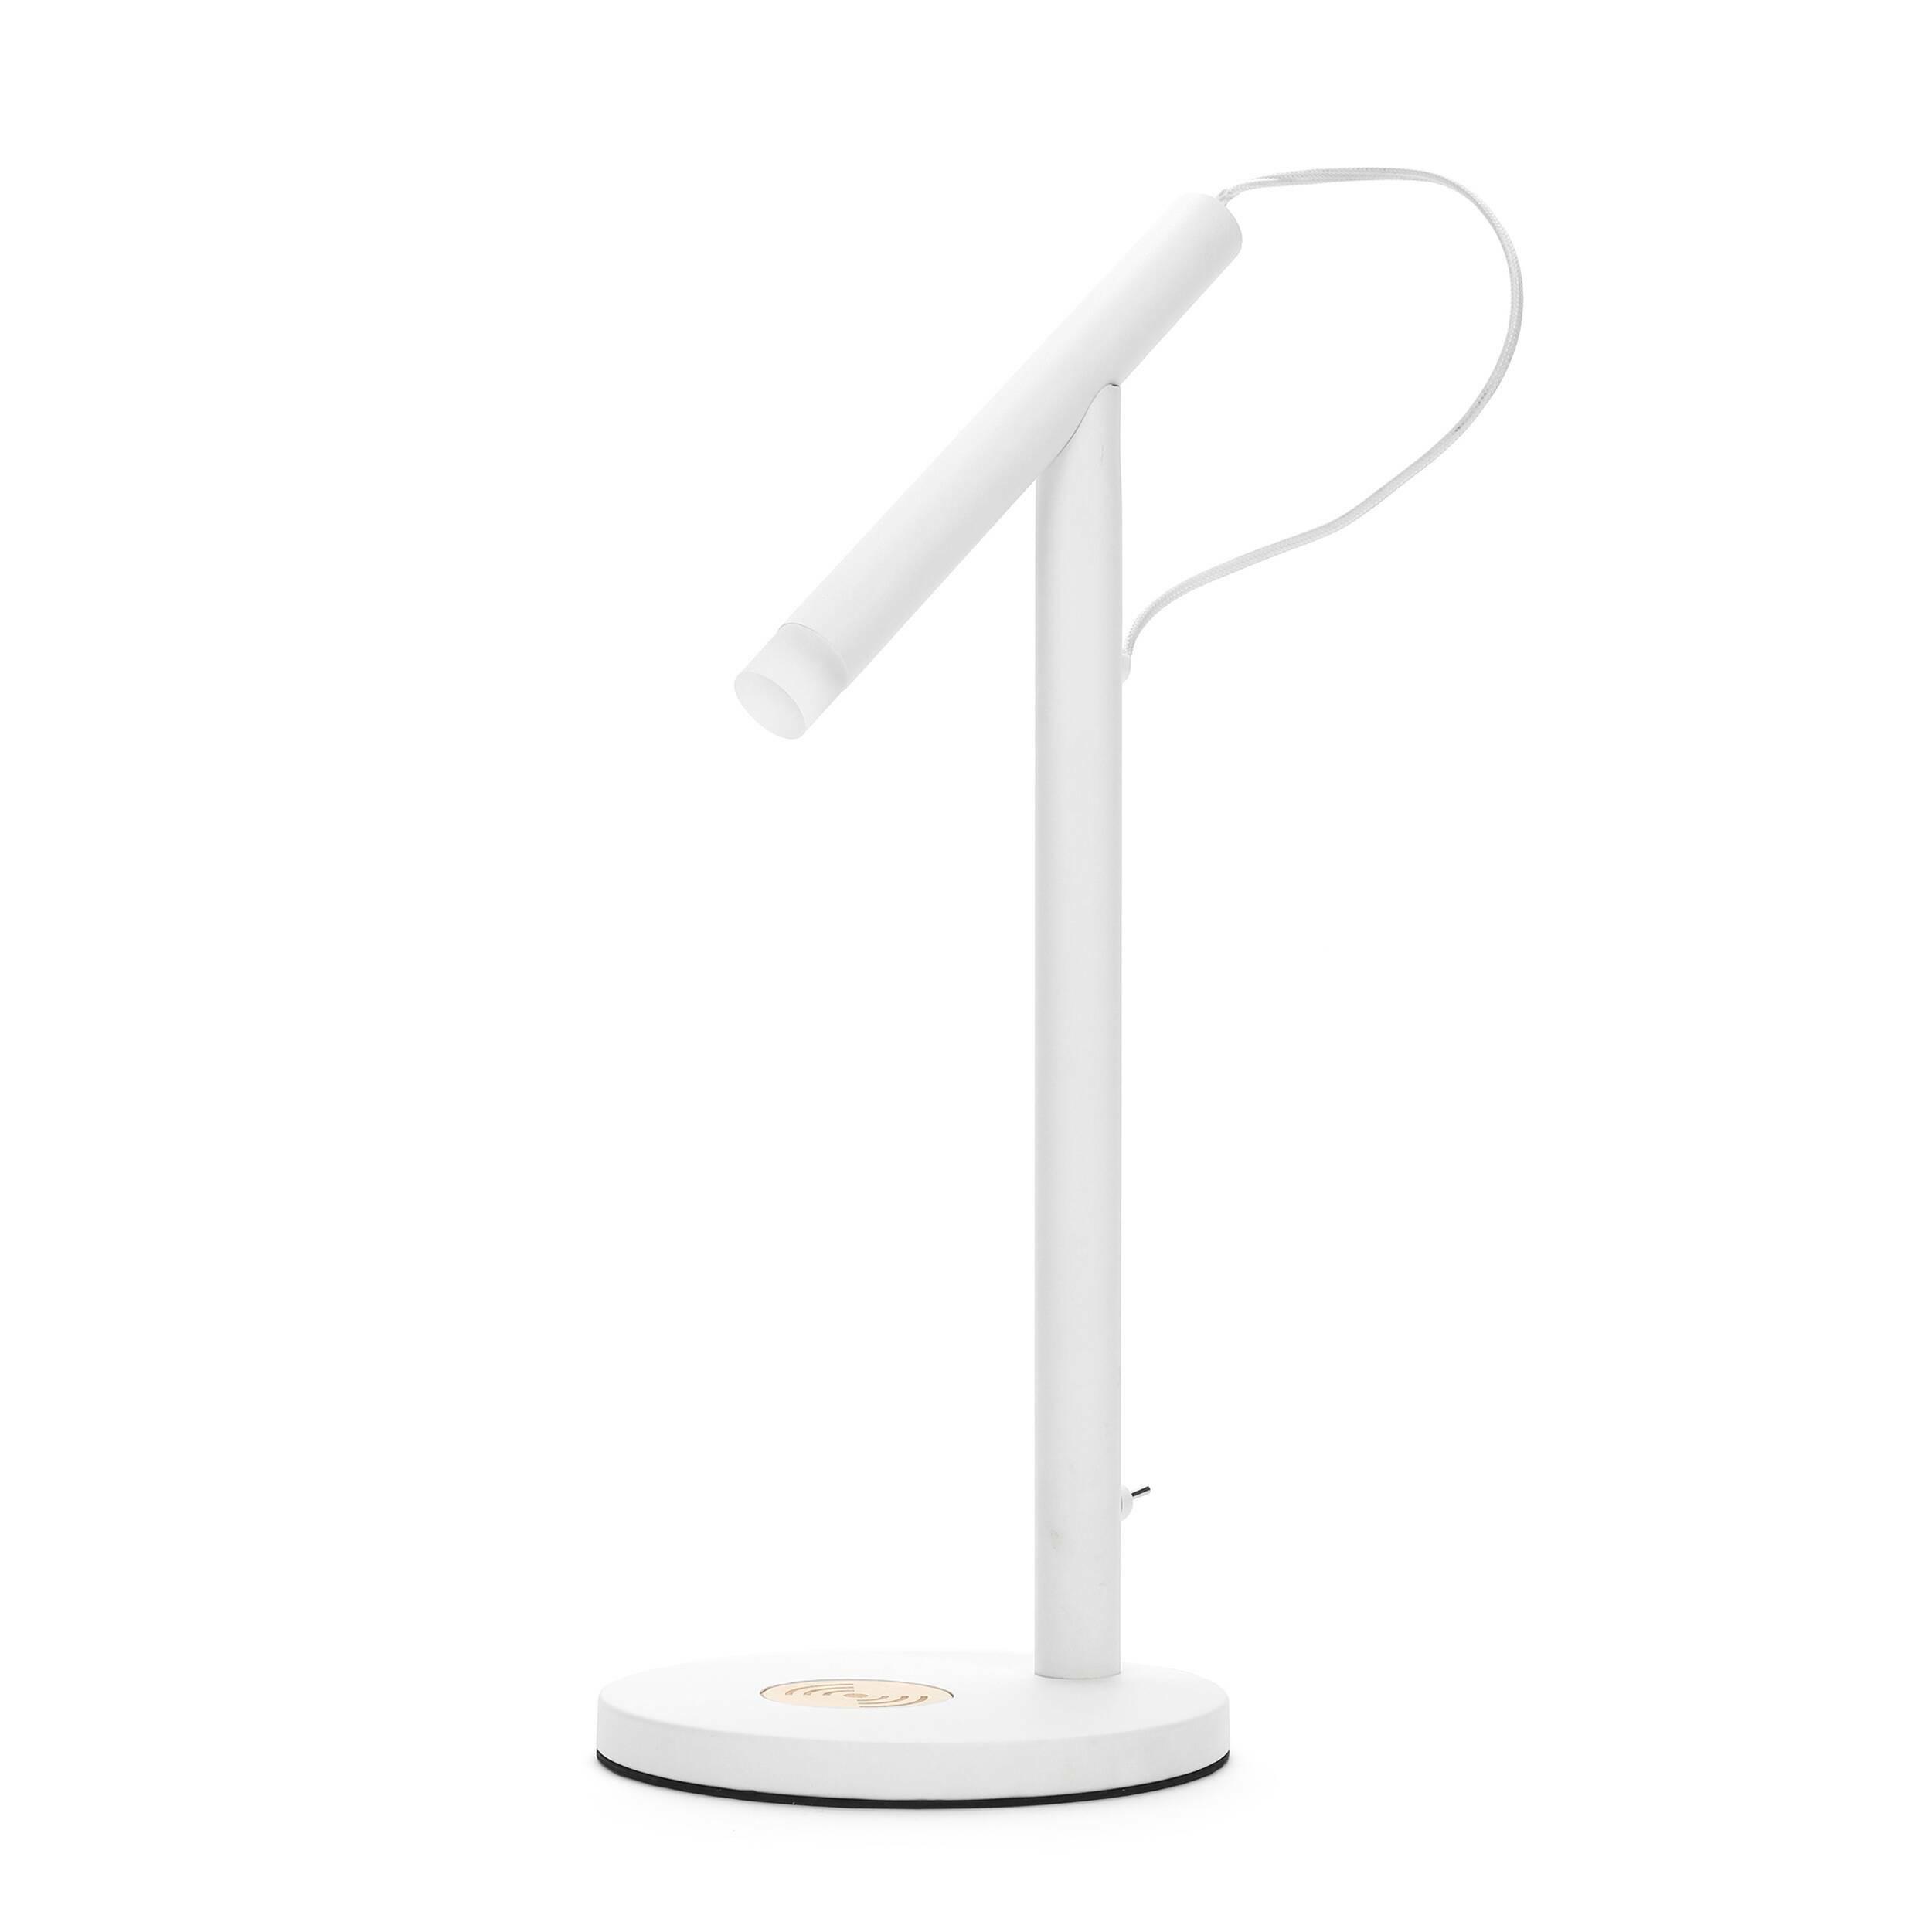 Настольный светильник Charge WhiteНастольные<br>Дизайнерский белый настольный светильник Charge White (Чардж Уайт) в стиле хай-тек от Cosmo (Космо).<br><br>Подыскивая себе ультрамодный настольный светильник, обратите внимание на настольный светильник Charge White. Дизайн этого стильного современного предмета интерьера выполнен в стиле хай-тек. Это отдельное направление в дизайне интерьера, которое пользуется особой популярностью среди молодых и целеустремленных людей. <br> <br> Несмотря на то что оригинальный светильник изготовлен в стиле хай-те...<br><br>stock: 24<br>Высота: 43<br>Диаметр: 20<br>Количество ламп: 1<br>Материал абажура: Металл<br>Материал арматуры: Металл<br>Мощность лампы: 2<br>Ламп в комплекте: Да<br>Напряжение: 220-240<br>Тип лампы/цоколь: LED<br>Цвет абажура: Белый<br>Цвет арматуры: Белый<br>Цвет провода: Белый